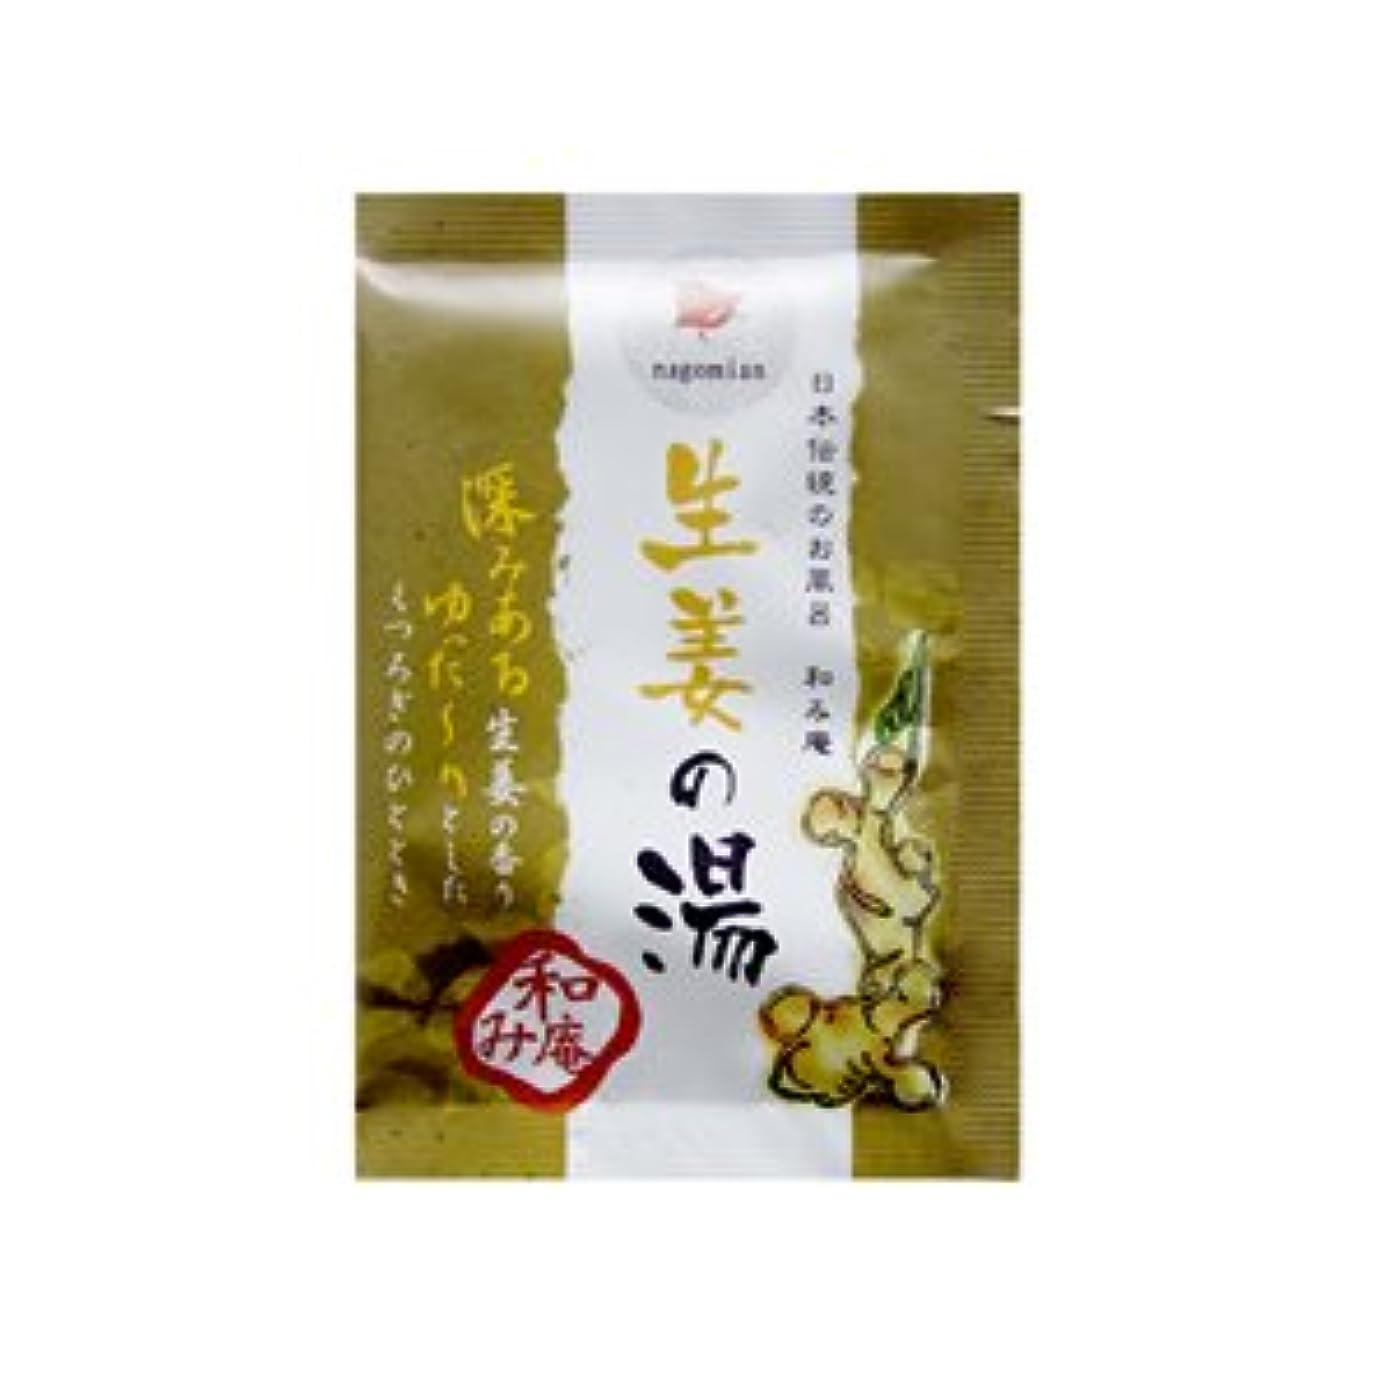 ライム顔料すり日本伝統のお風呂 和み庵 生姜の湯 25g 10個セット